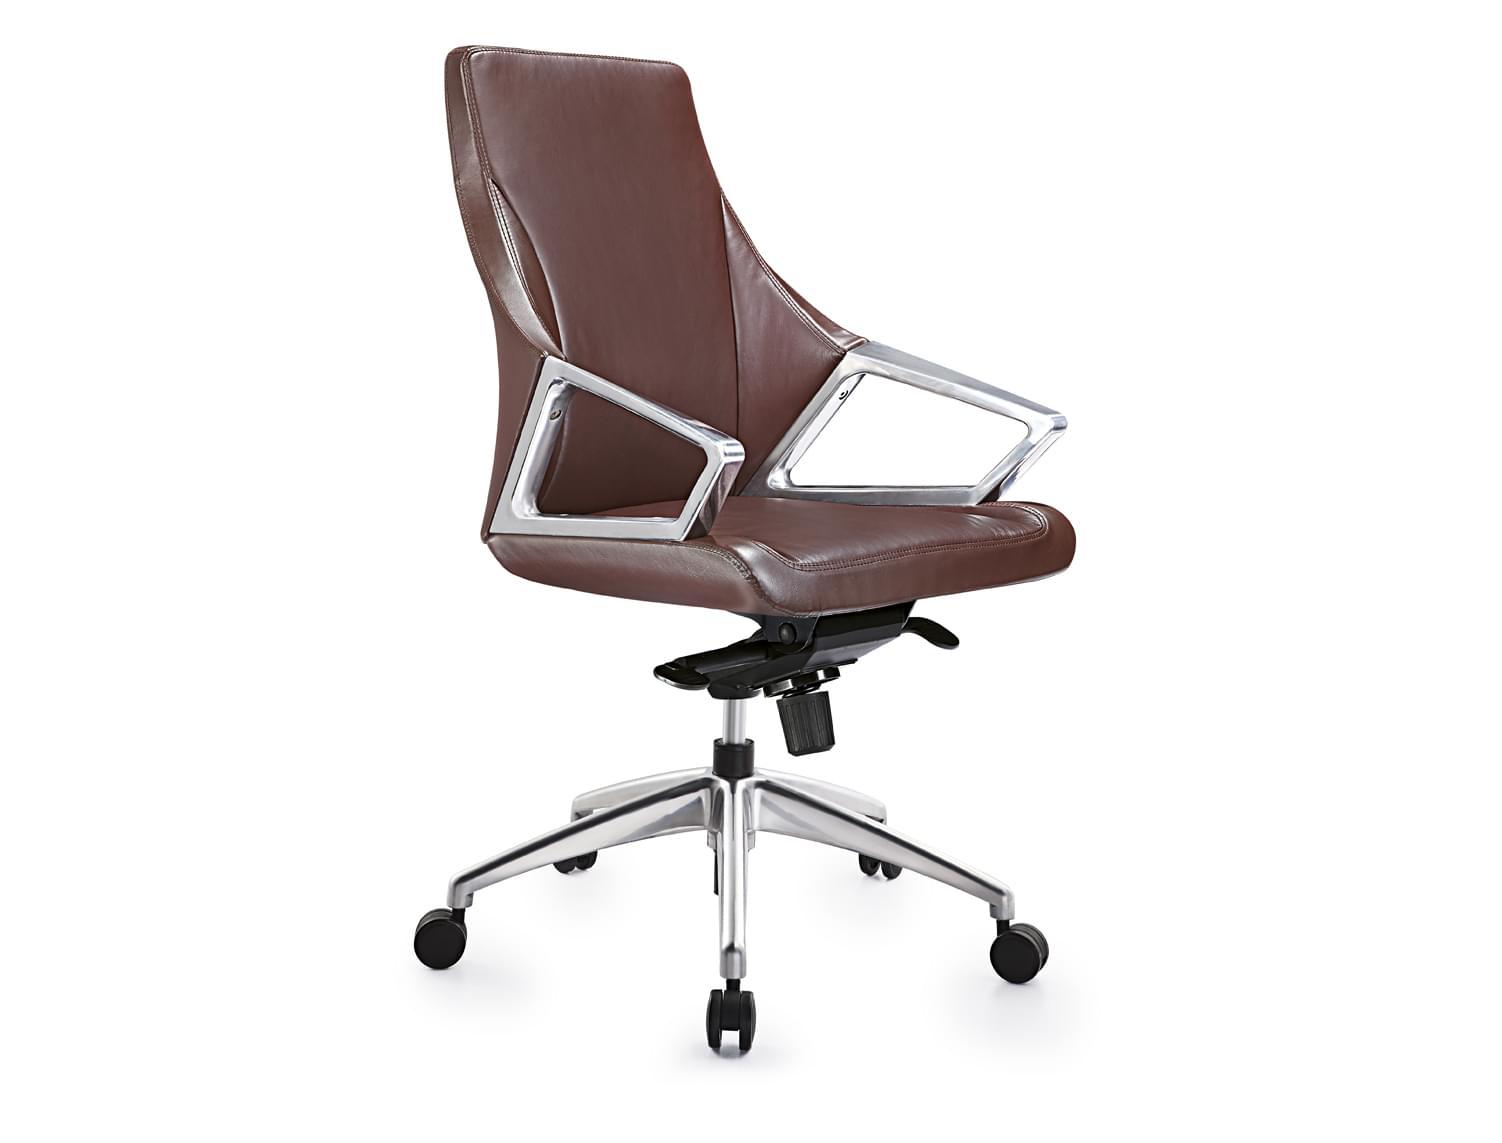 现代进口牛皮中班椅子DA-GS-G1901